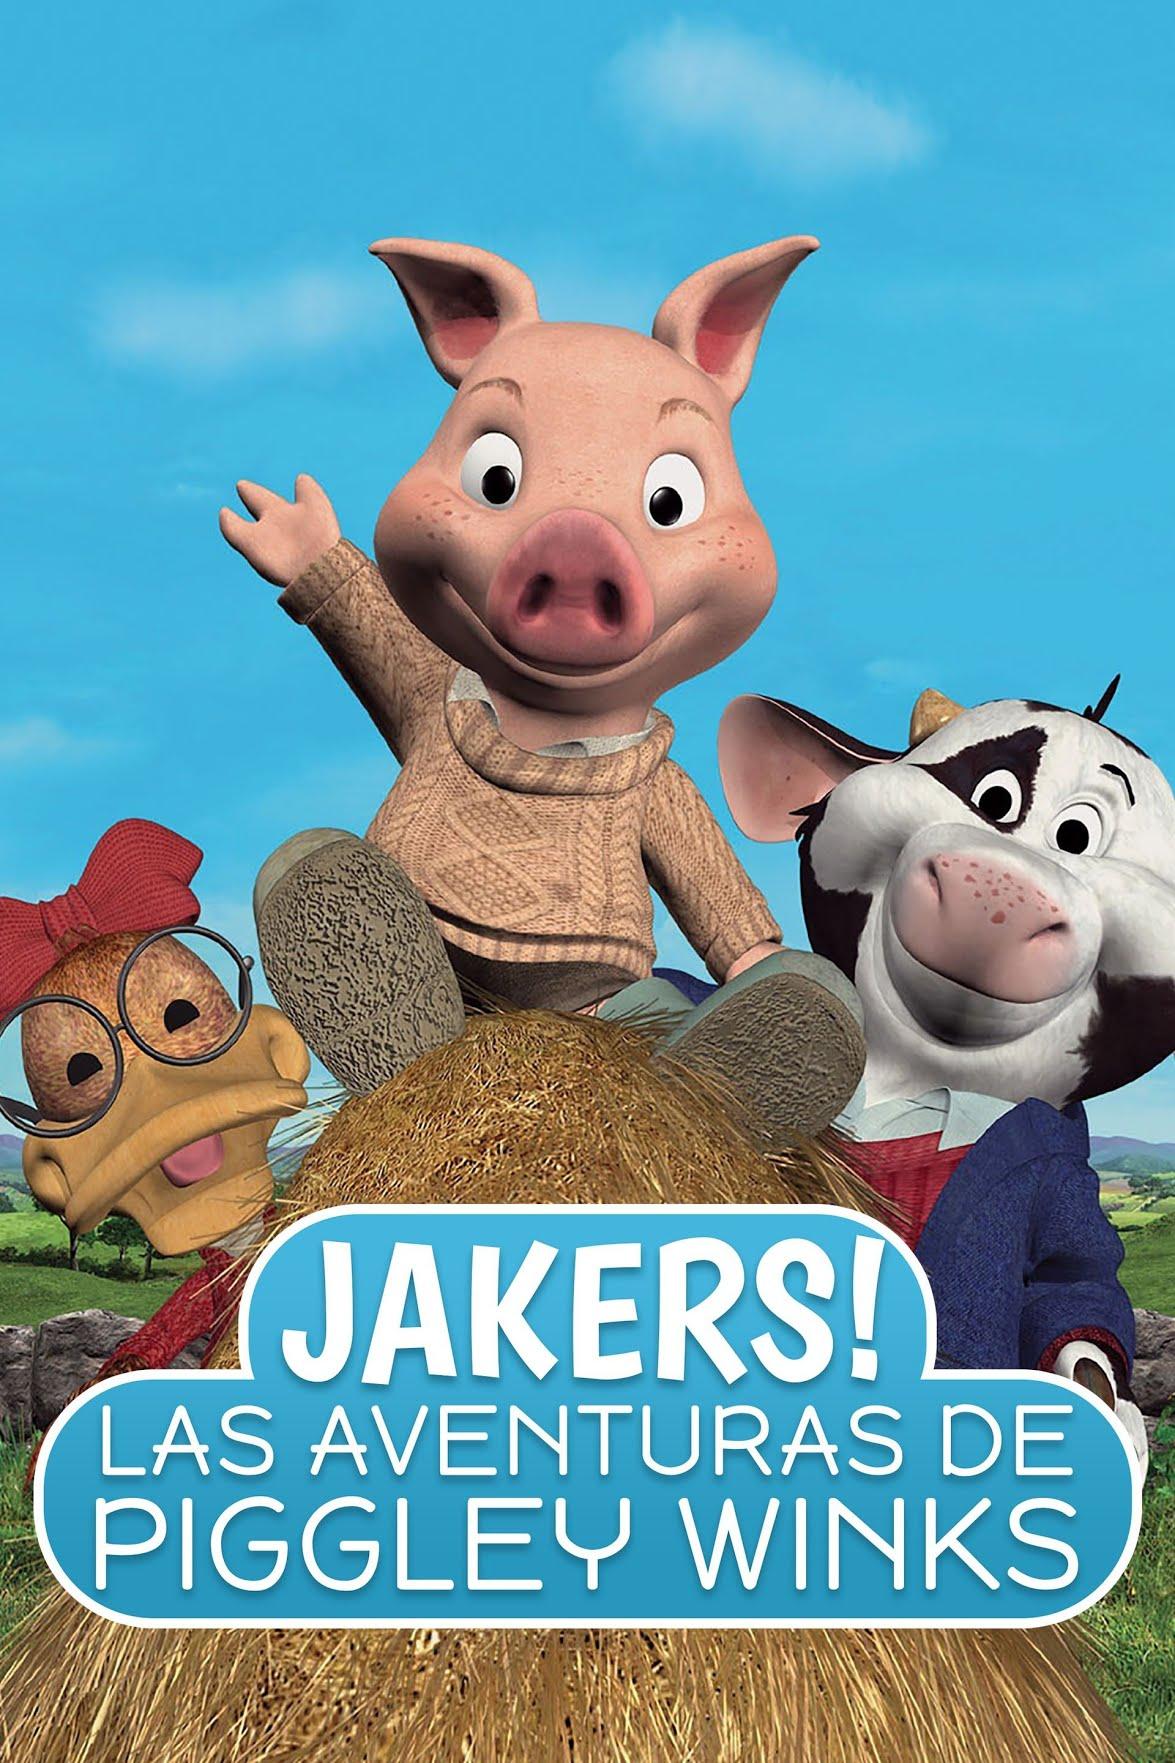 ¡Jakers! Las aventuras de Piggley Winks